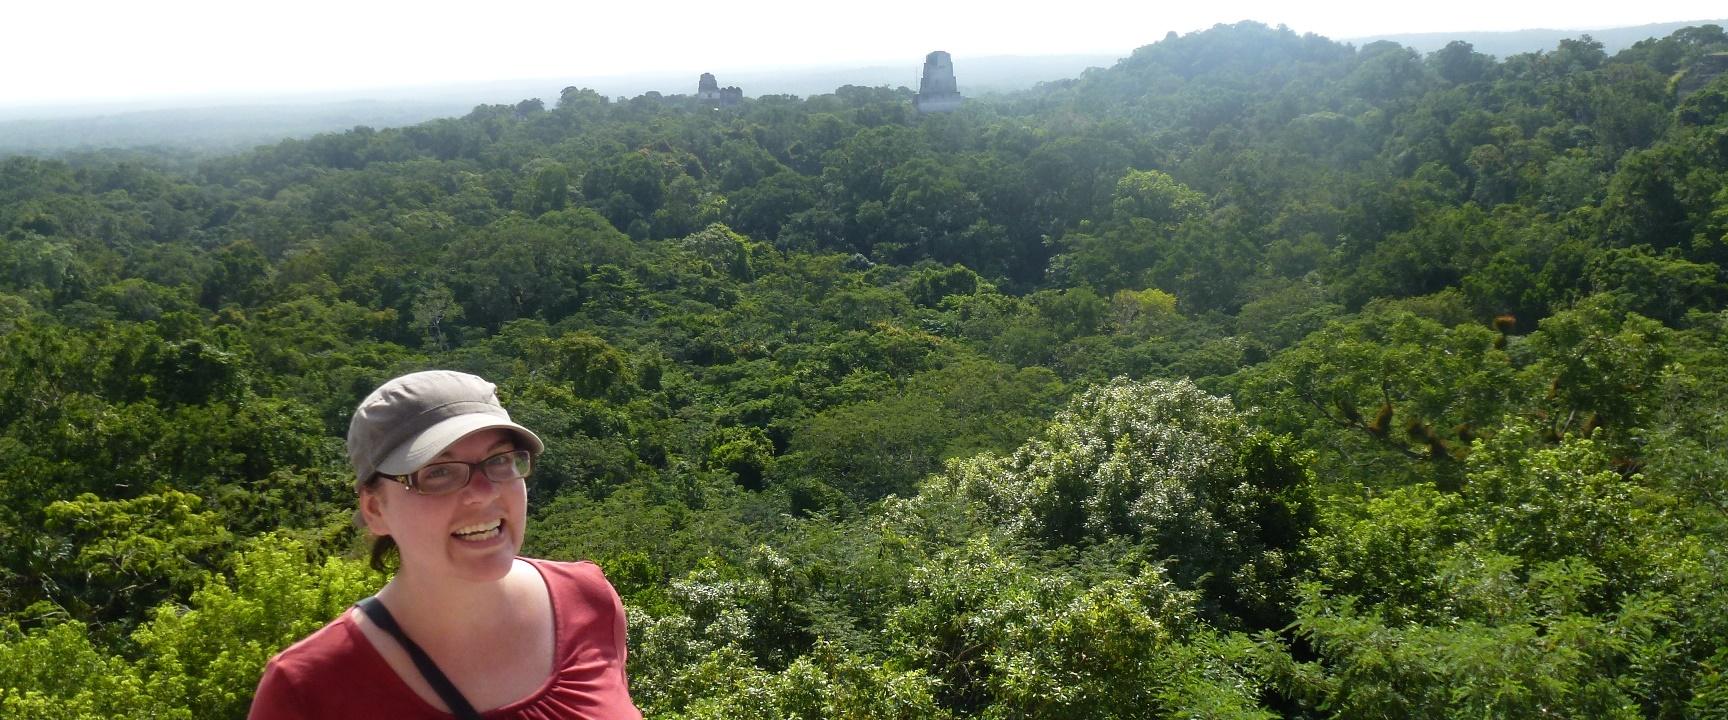 01-Tikal06-me